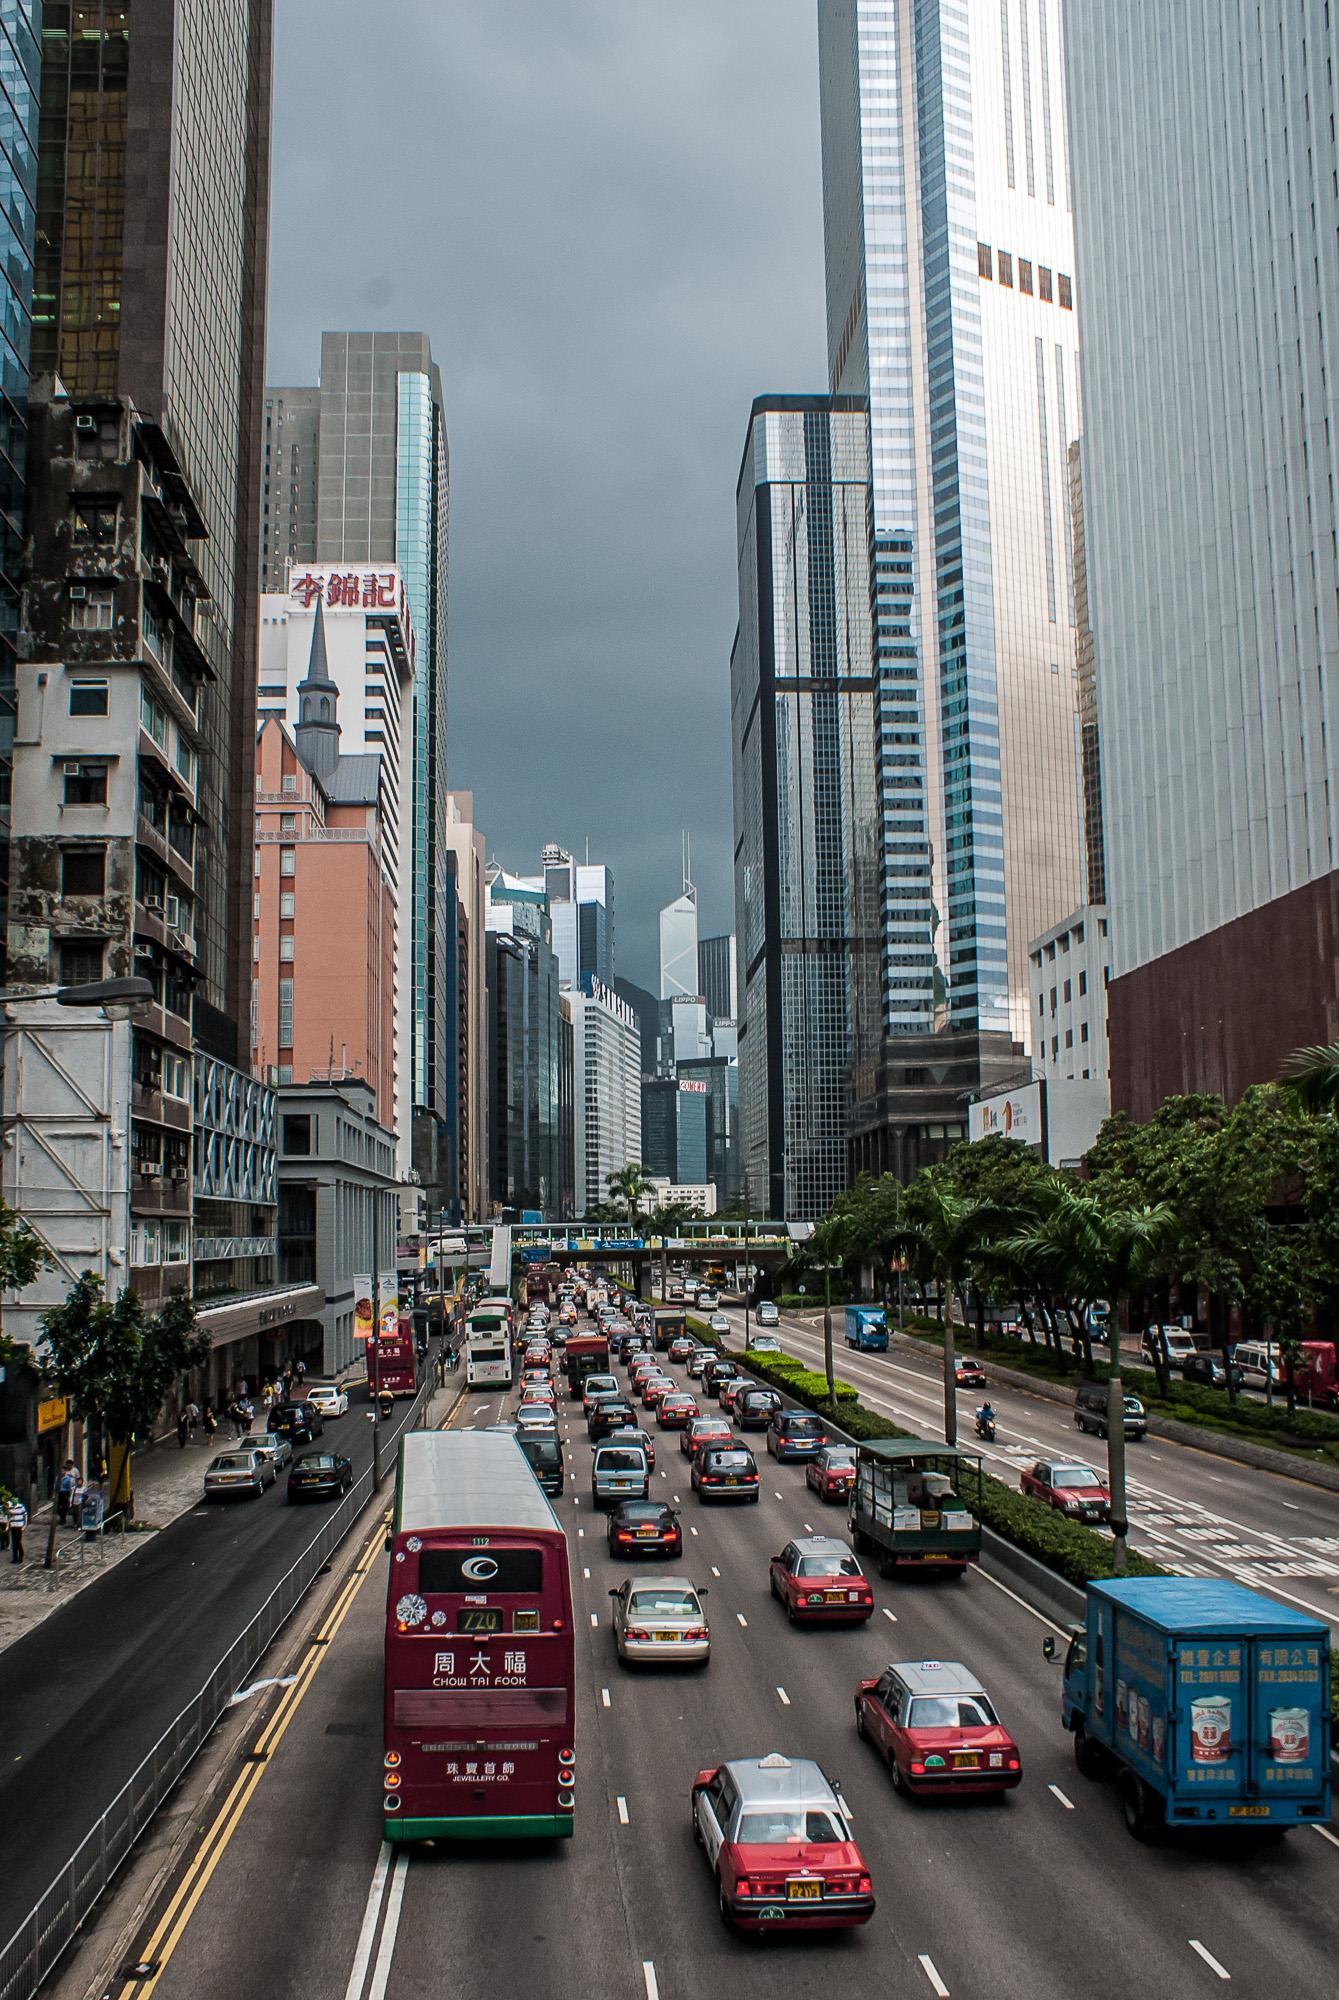 hong kong - photo #32